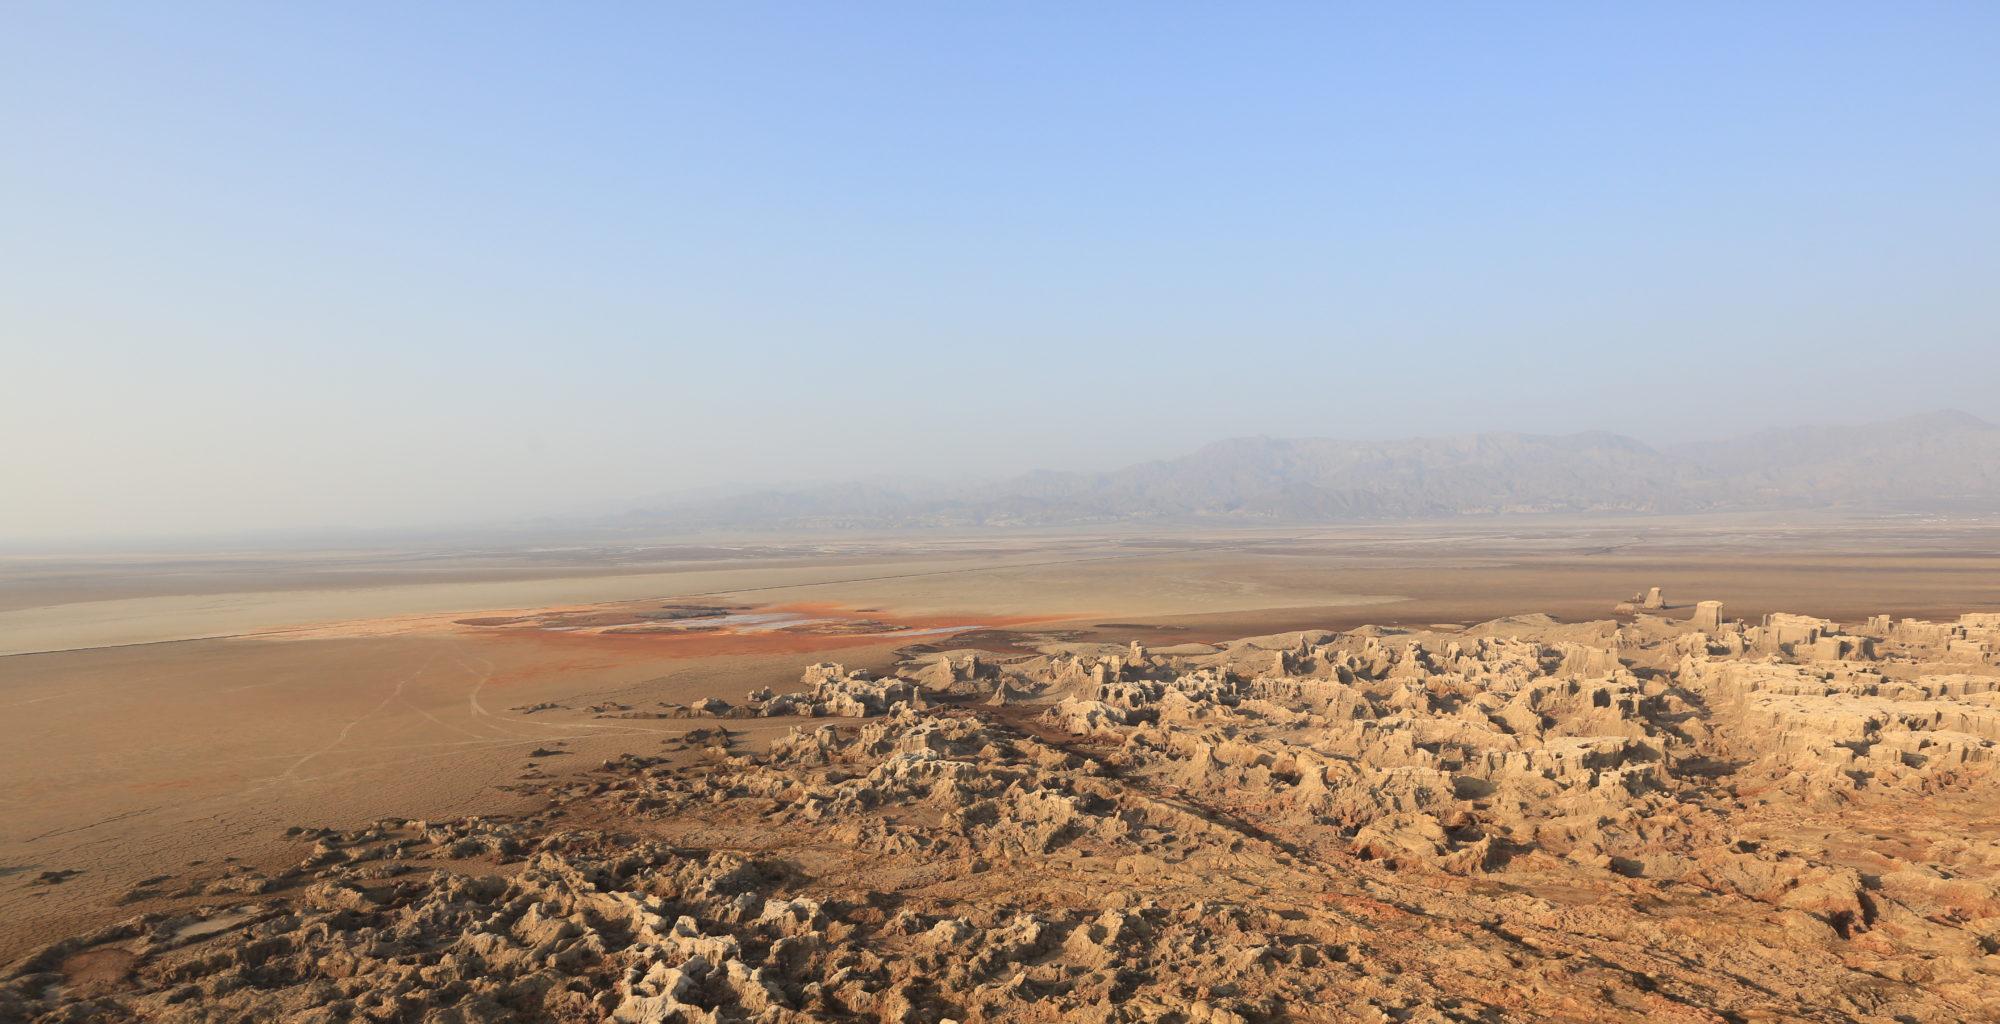 Danakil Ethiopia Aerial